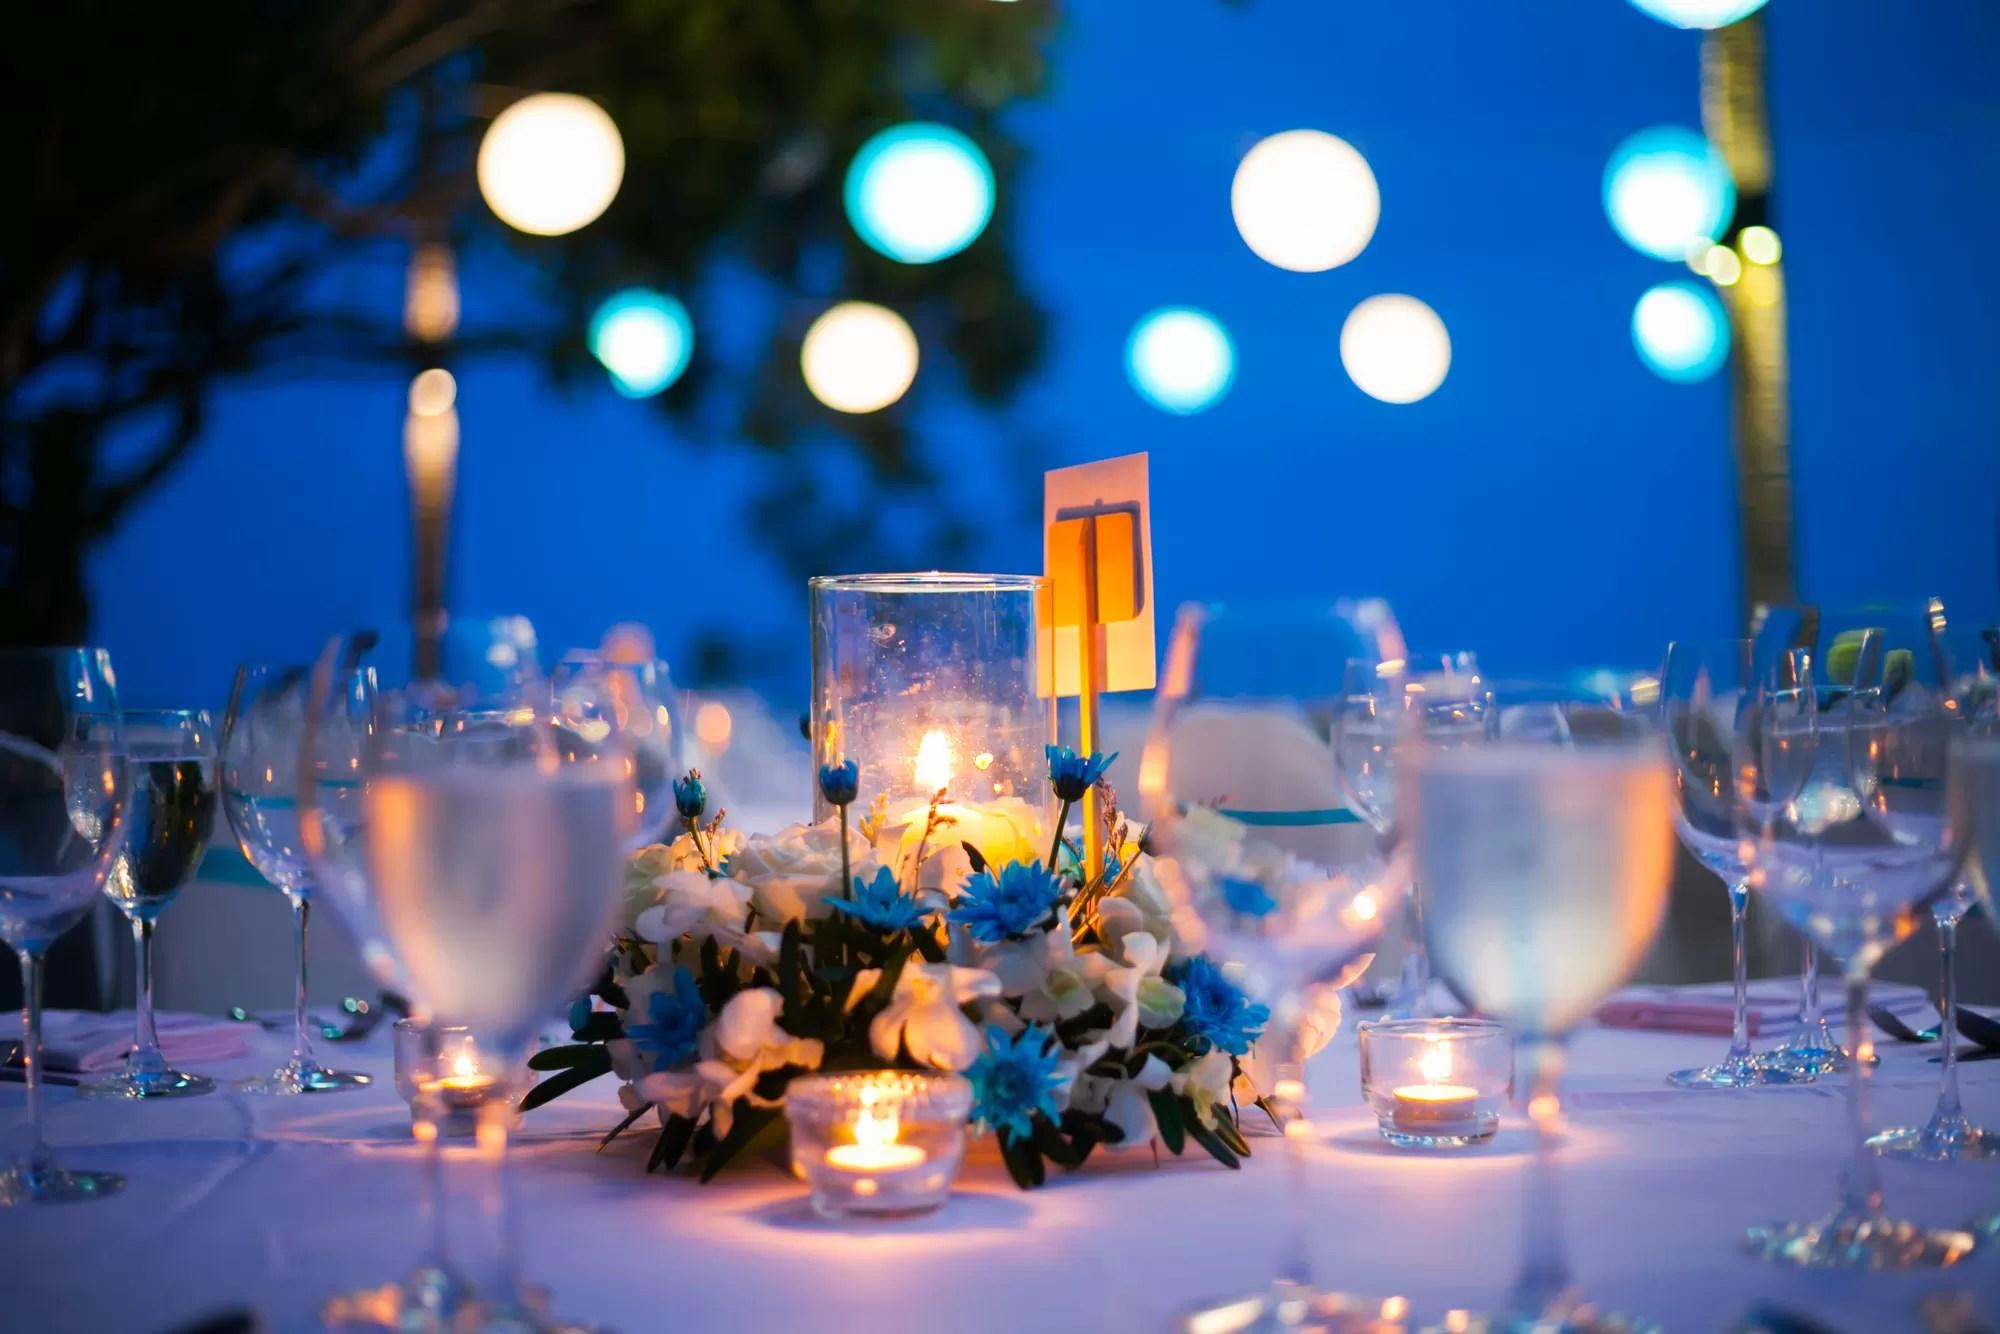 Cena all\'aperto: come organizzarla alla perfezione - DersutMag